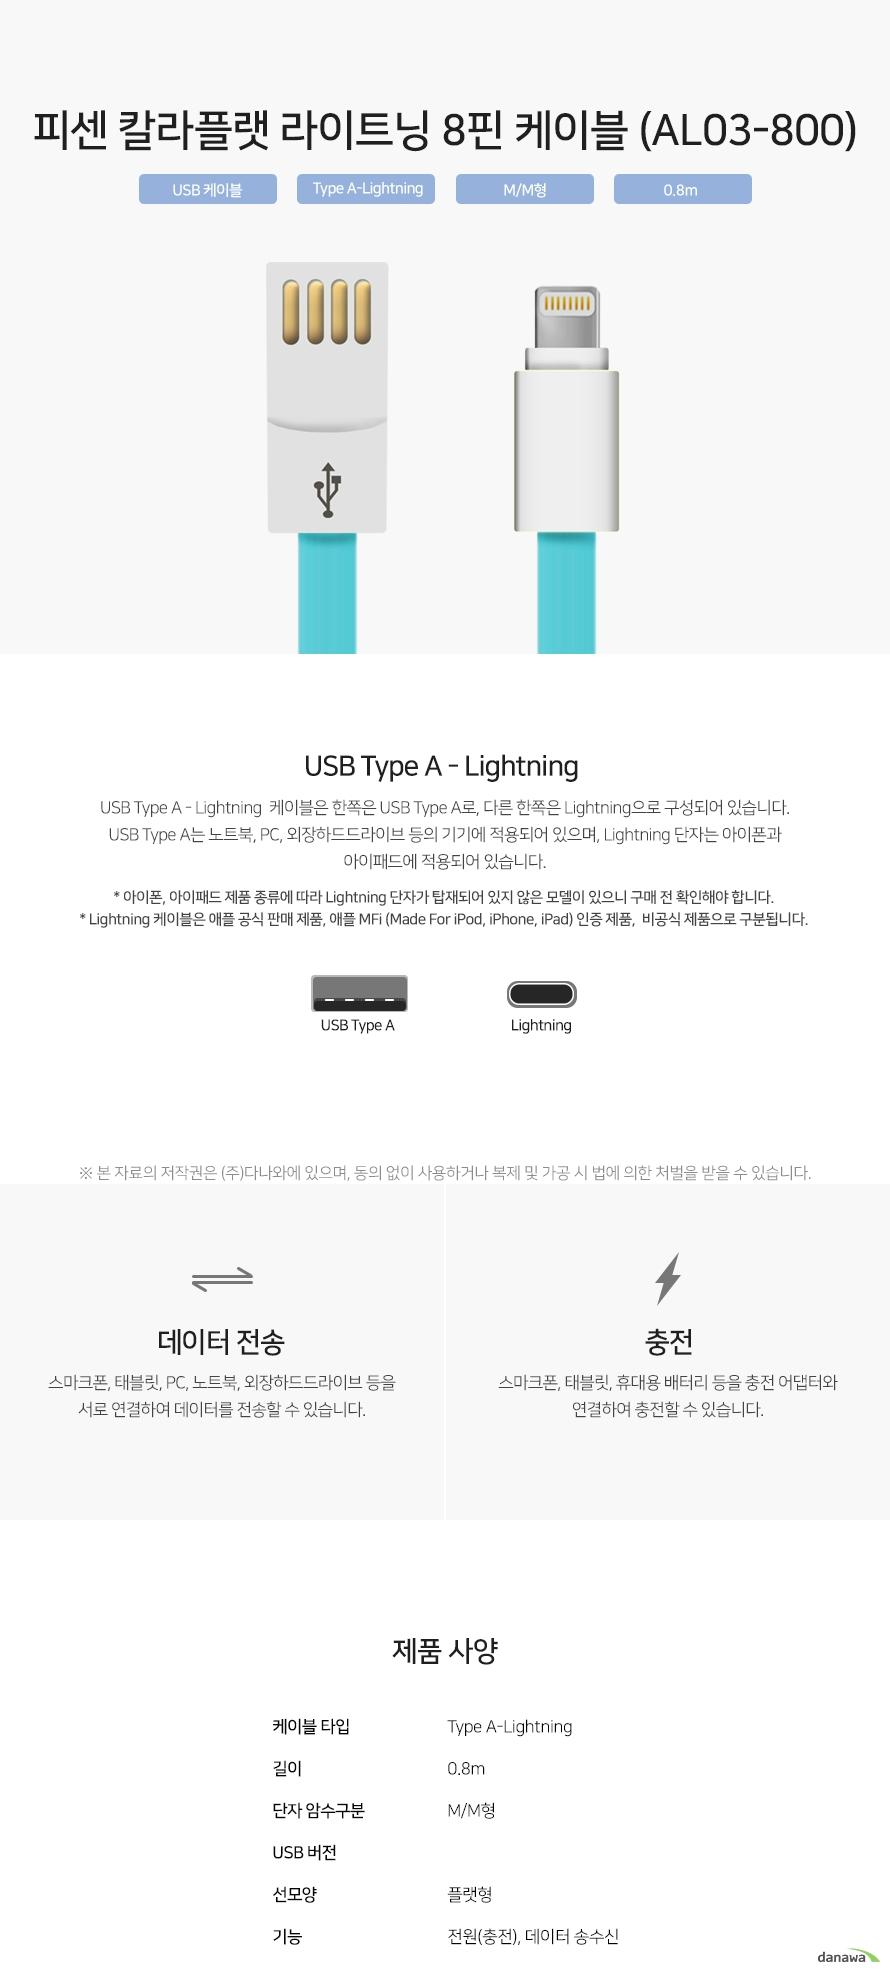 피센 칼라플랫 라이트닝 8핀 케이블 (AL03-800) USB Type A - Lightning  케이블은 한쪽은 USB Type A로, 다른 한쪽은 Lightning으로 구성되어 있습니다. USB Type A는 노트북, PC, 외장하드드라이브 등의 기기에 적용되어 있으며, Lightning 단자는 아이폰과 아이패드에 적용되어 있습니다. 스마크폰, 태블릿, PC, 노트북, 외장하드드라이브 등을 서로 연결하여 데이터를 전송할 수 있습니다. 스마크폰, 태블릿, 휴대용 배터리 등을 충전 어댑터와 연결하여 충전할 수 있습니다.